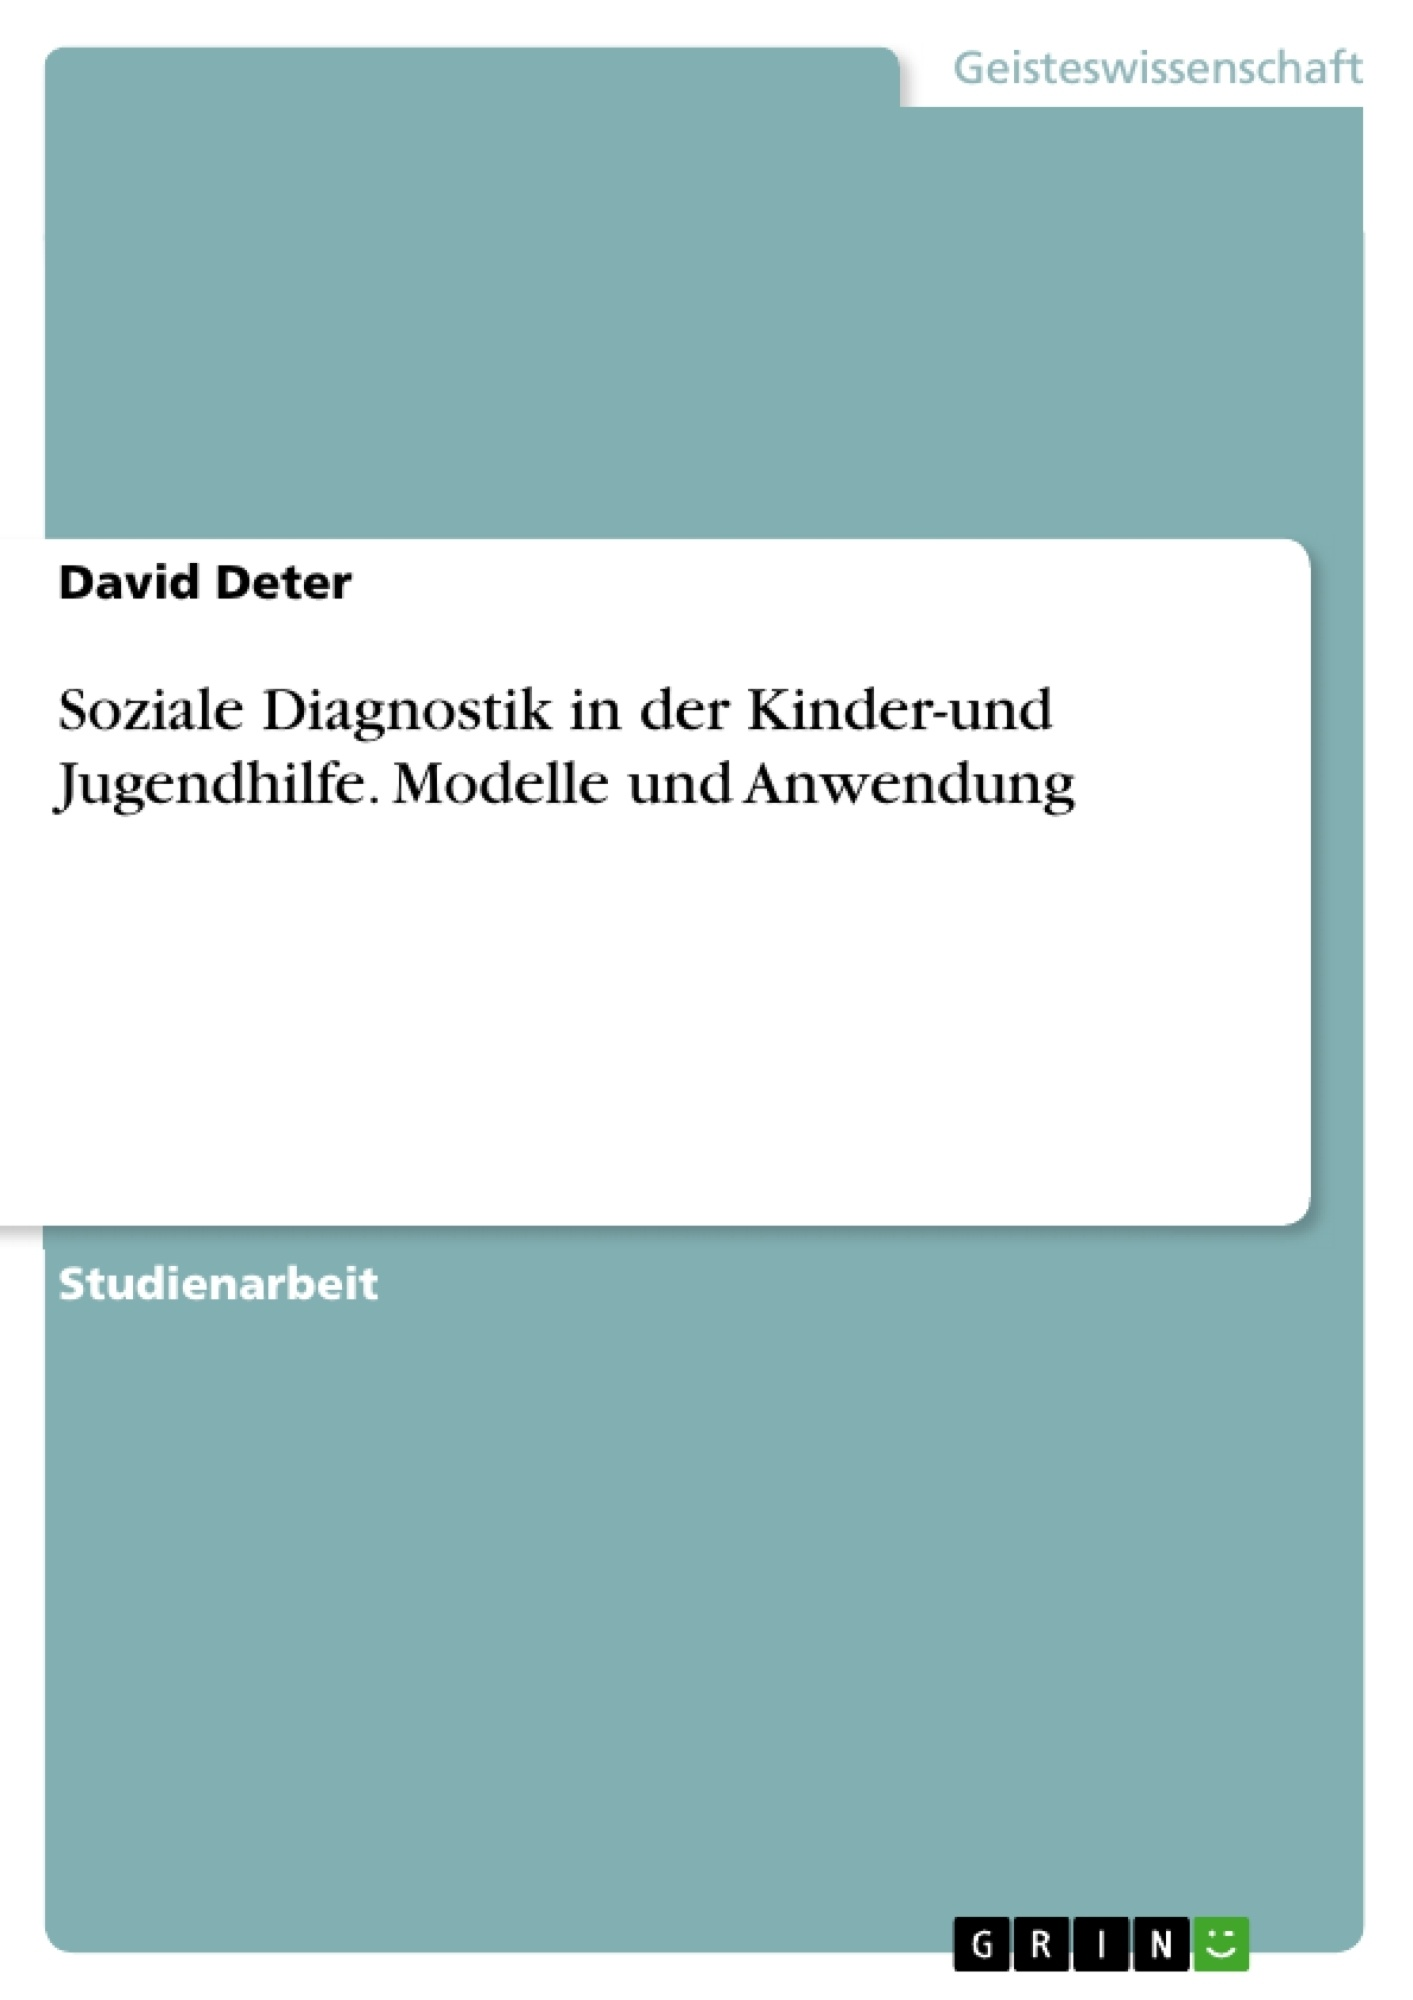 Titel: Soziale Diagnostik in der Kinder-und Jugendhilfe. Modelle und Anwendung